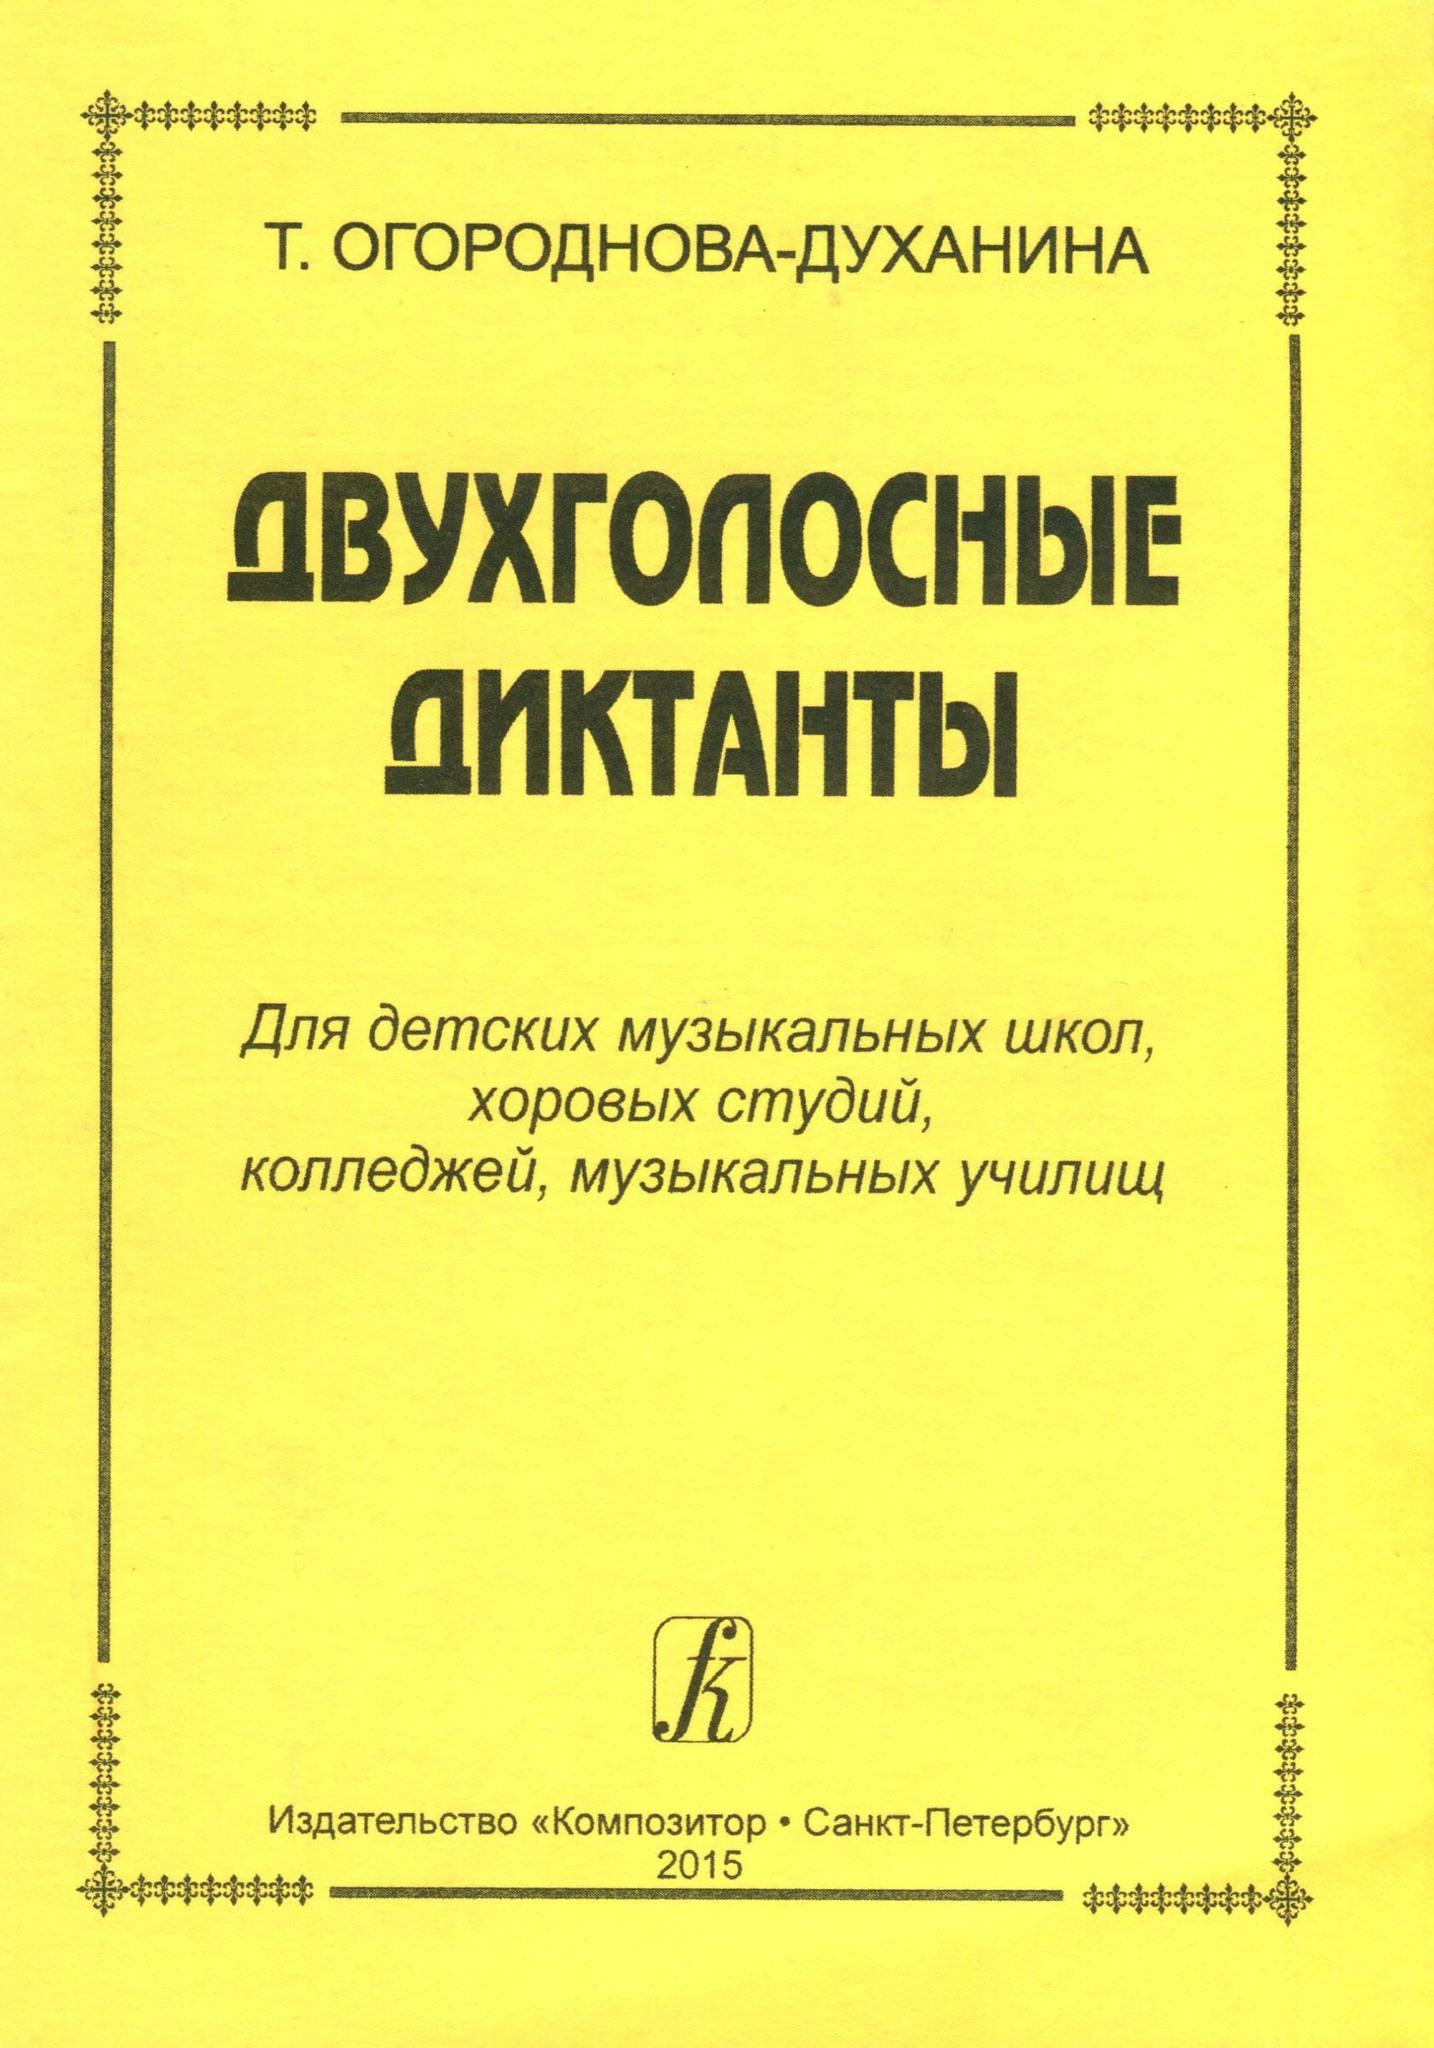 музыкальные игры на уроках сольфеджио огороднова духанина